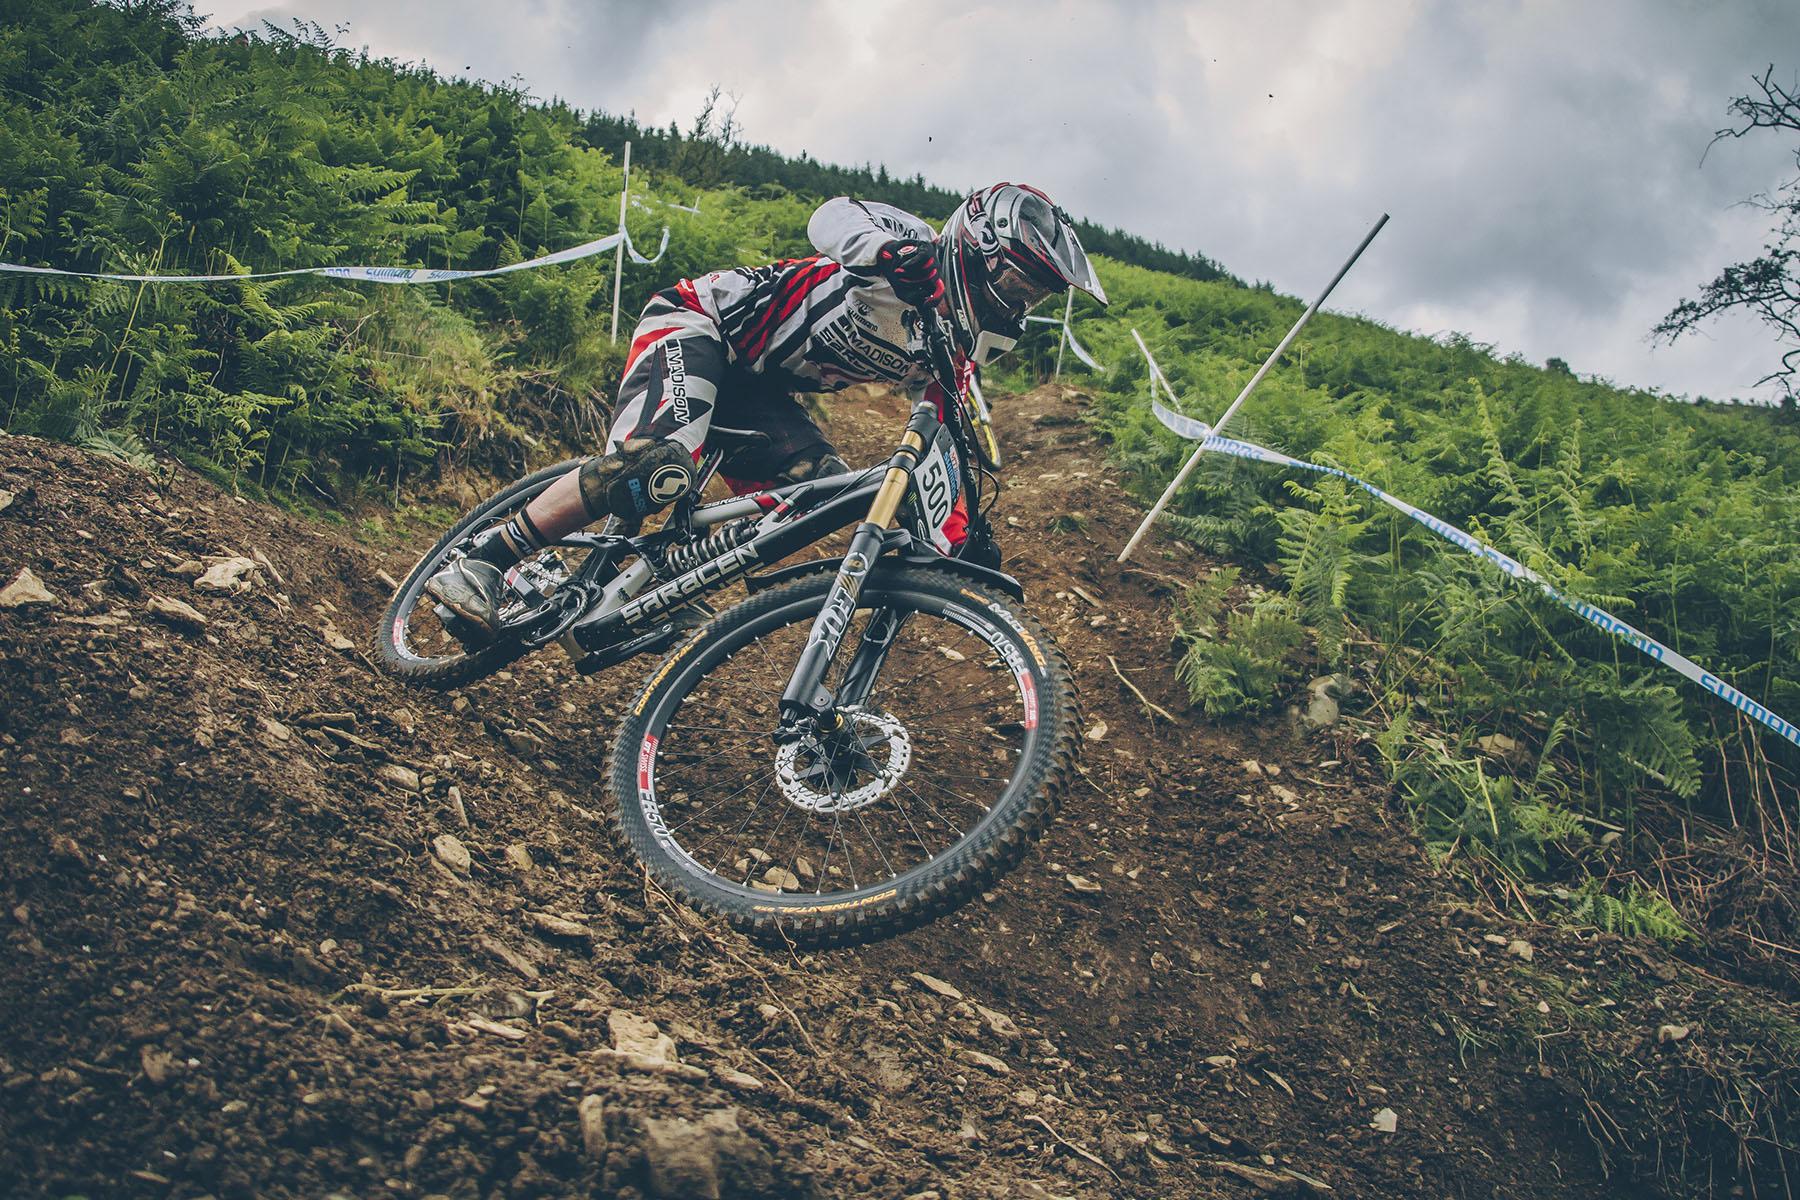 Manon Carpenter ist steile Strecken eigentlich gewöhnt, für den Sieg hat es vergangenes Wochenende aber nicht gereicht.